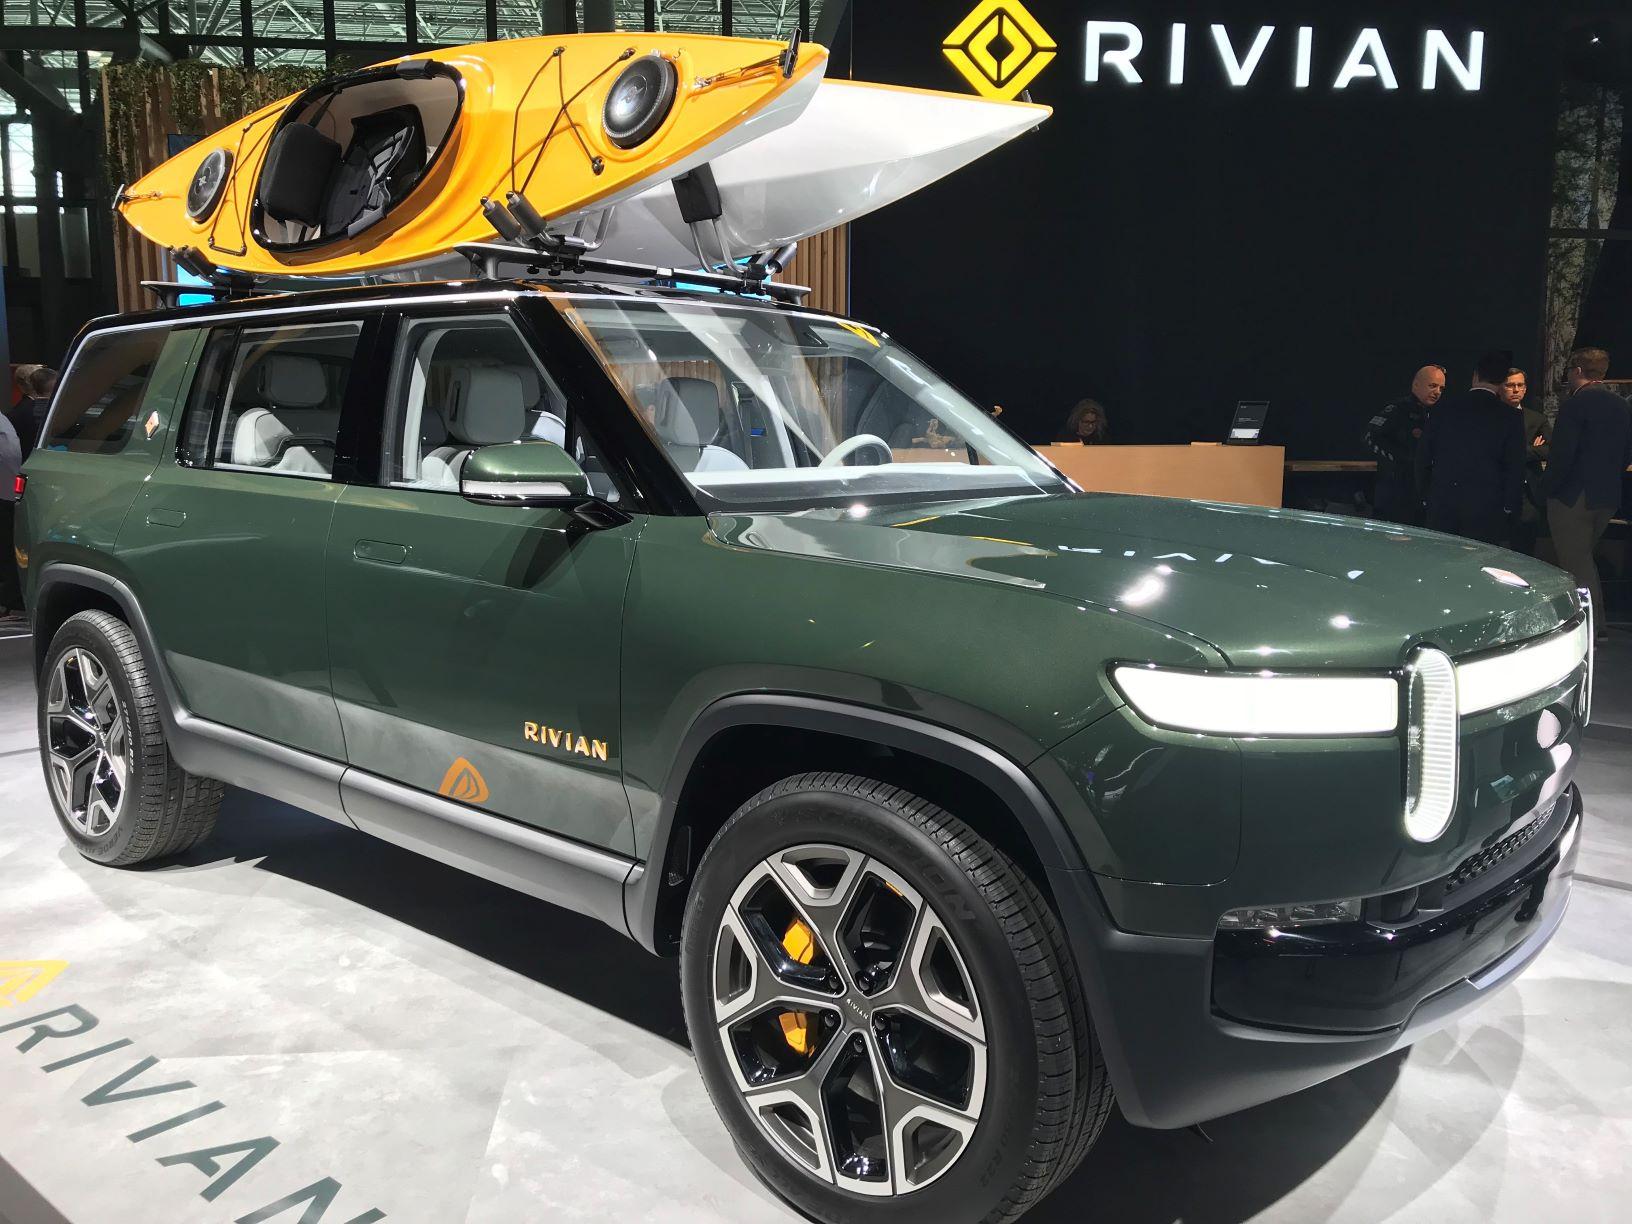 Pirelli Scorpion for Rivian (002)